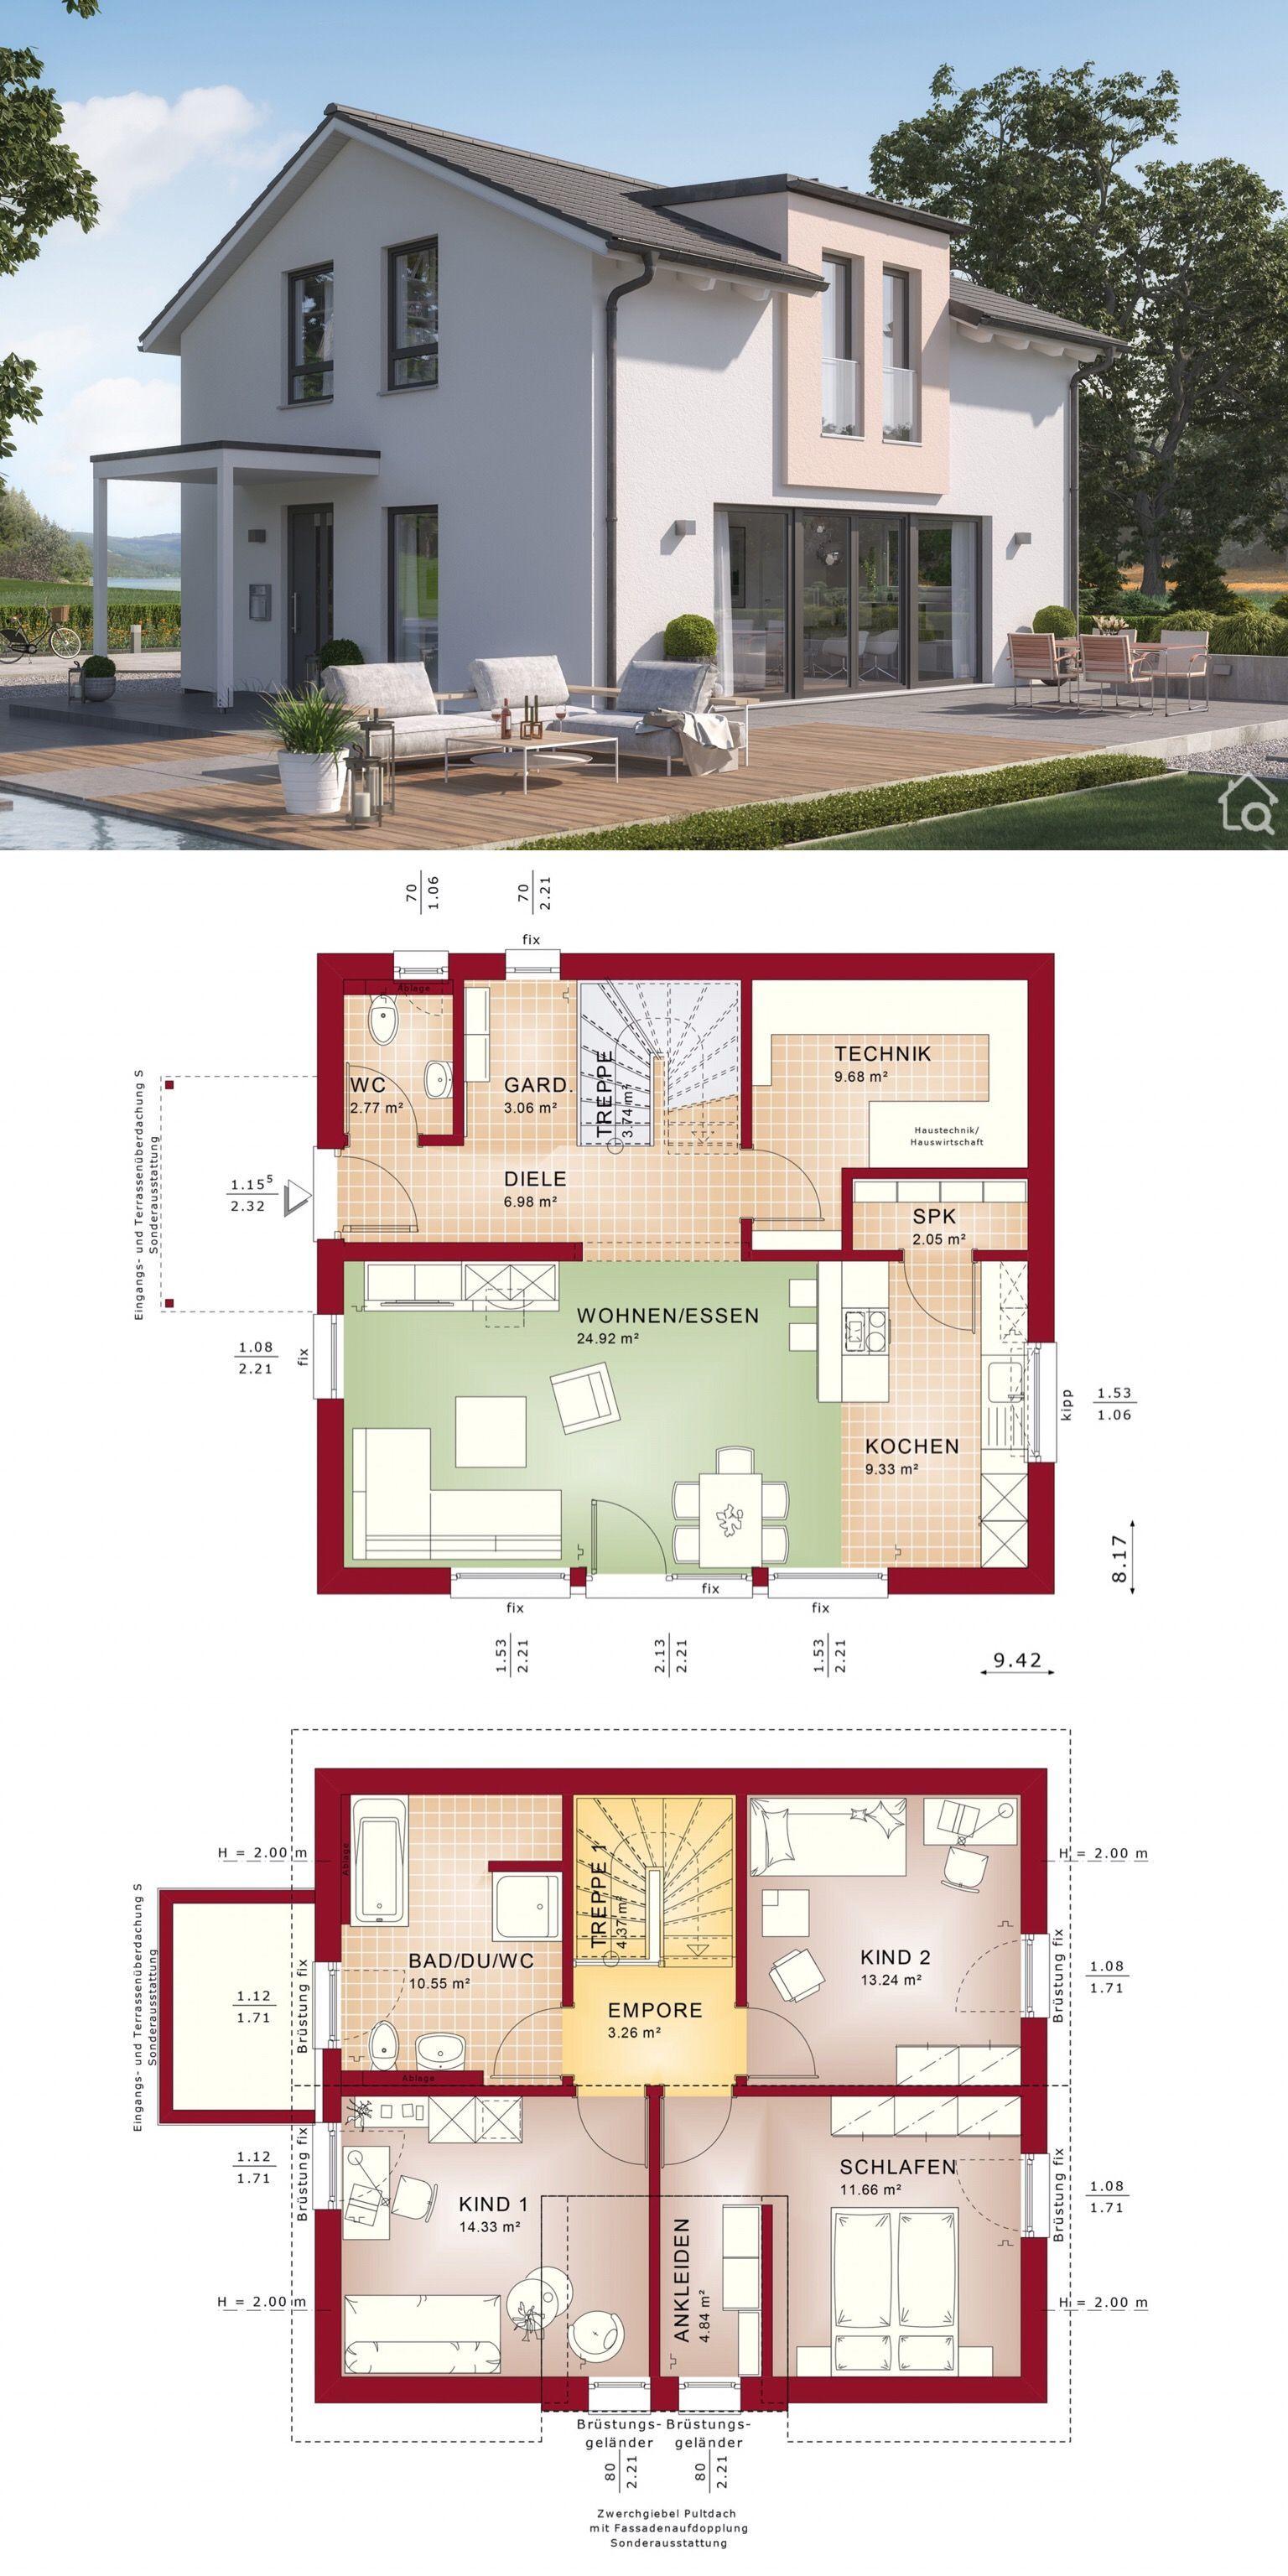 Einfamilienhaus Neubau modern mit Satteldach Architektur